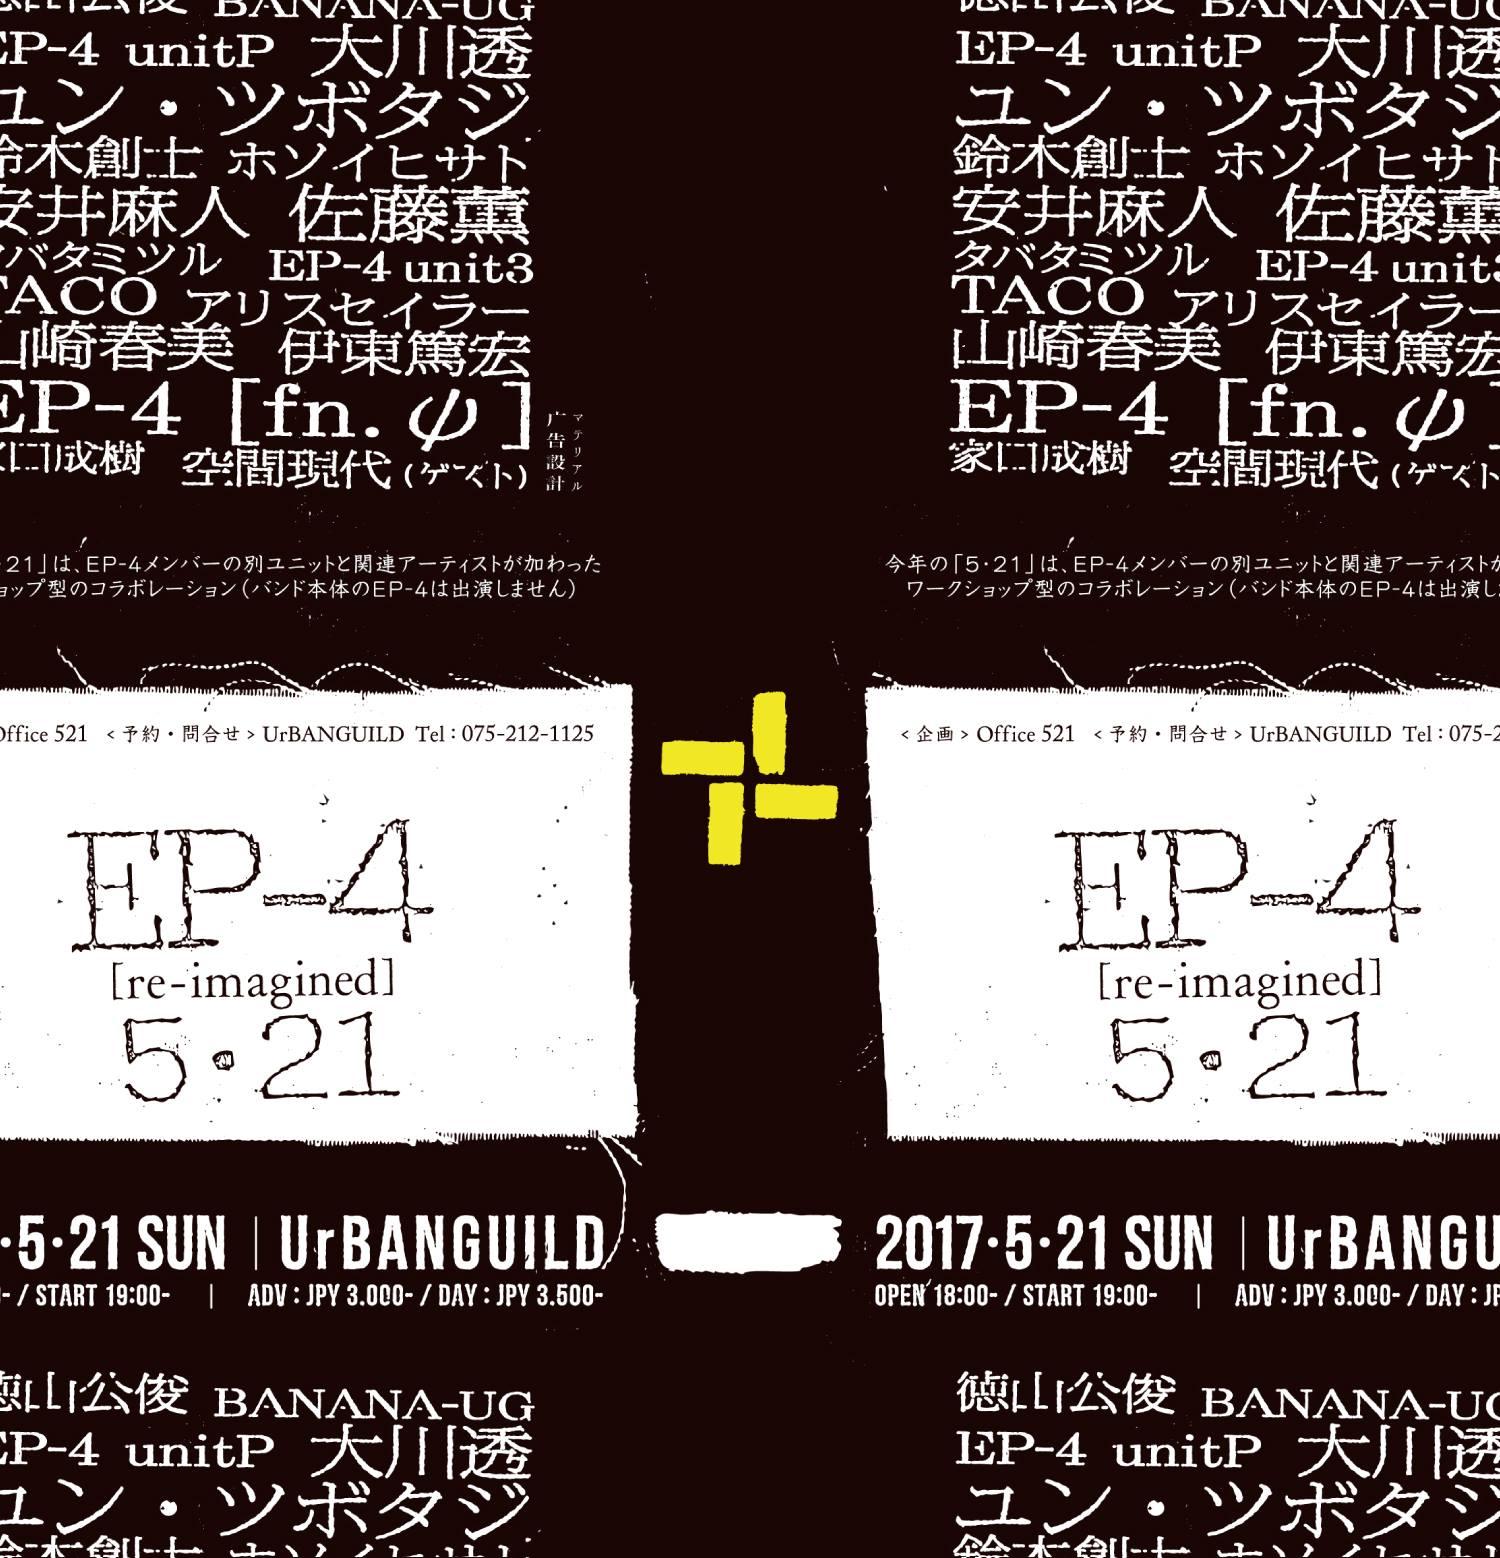 EP-4-2017-521-flyer